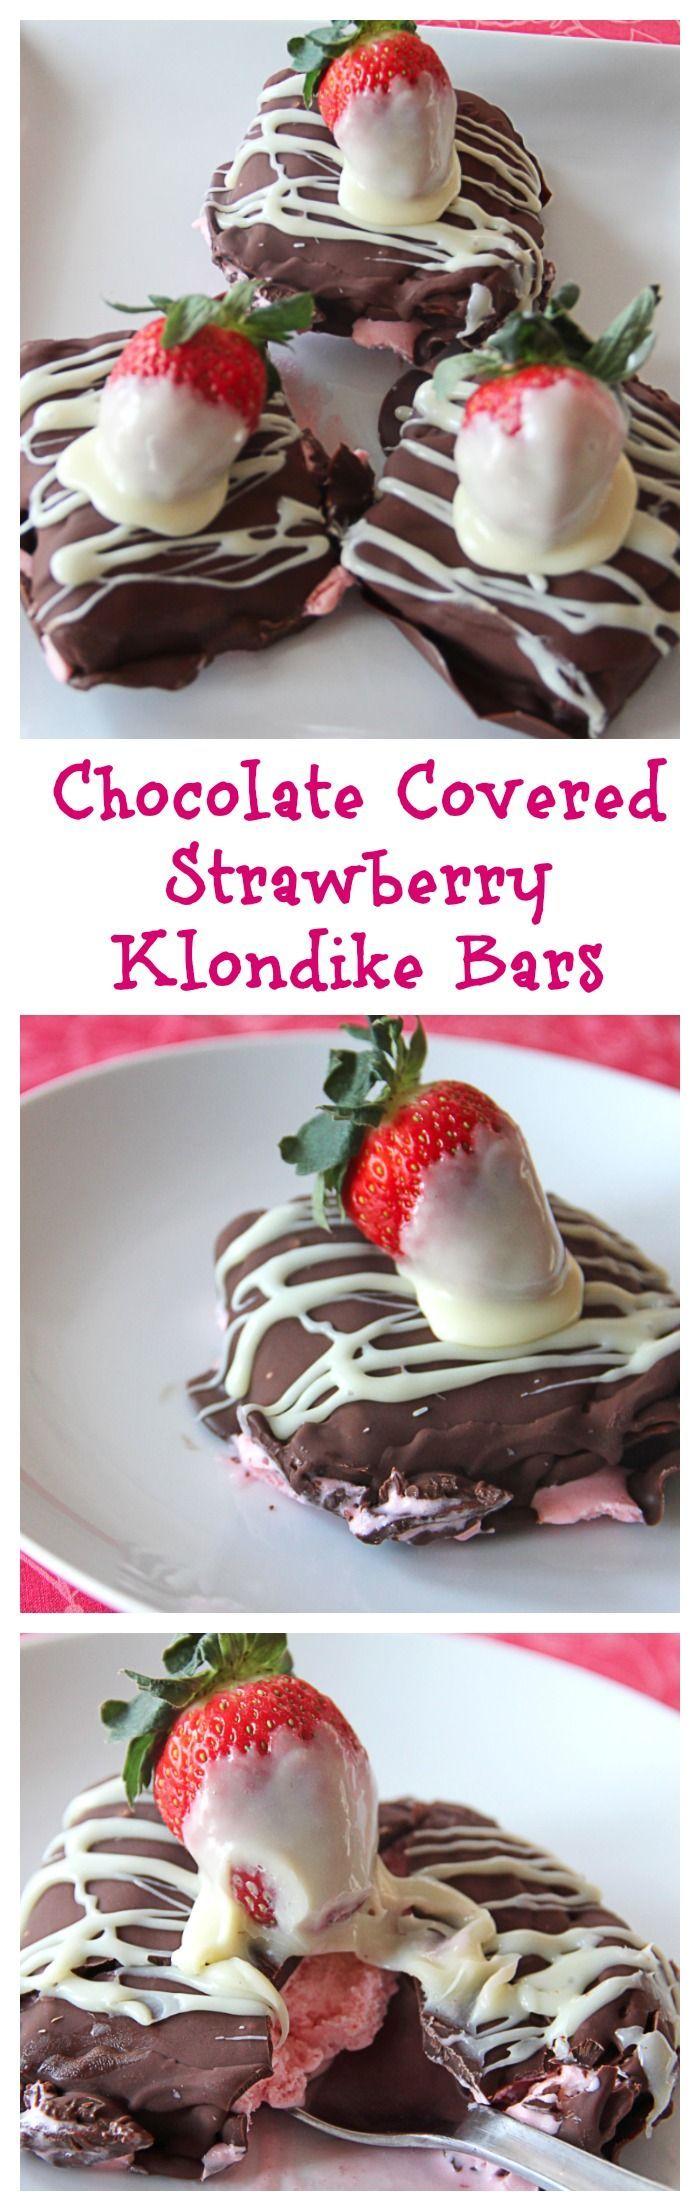 Chocolate Covered Strawberry Klondike Bars   Grandbaby Cakes